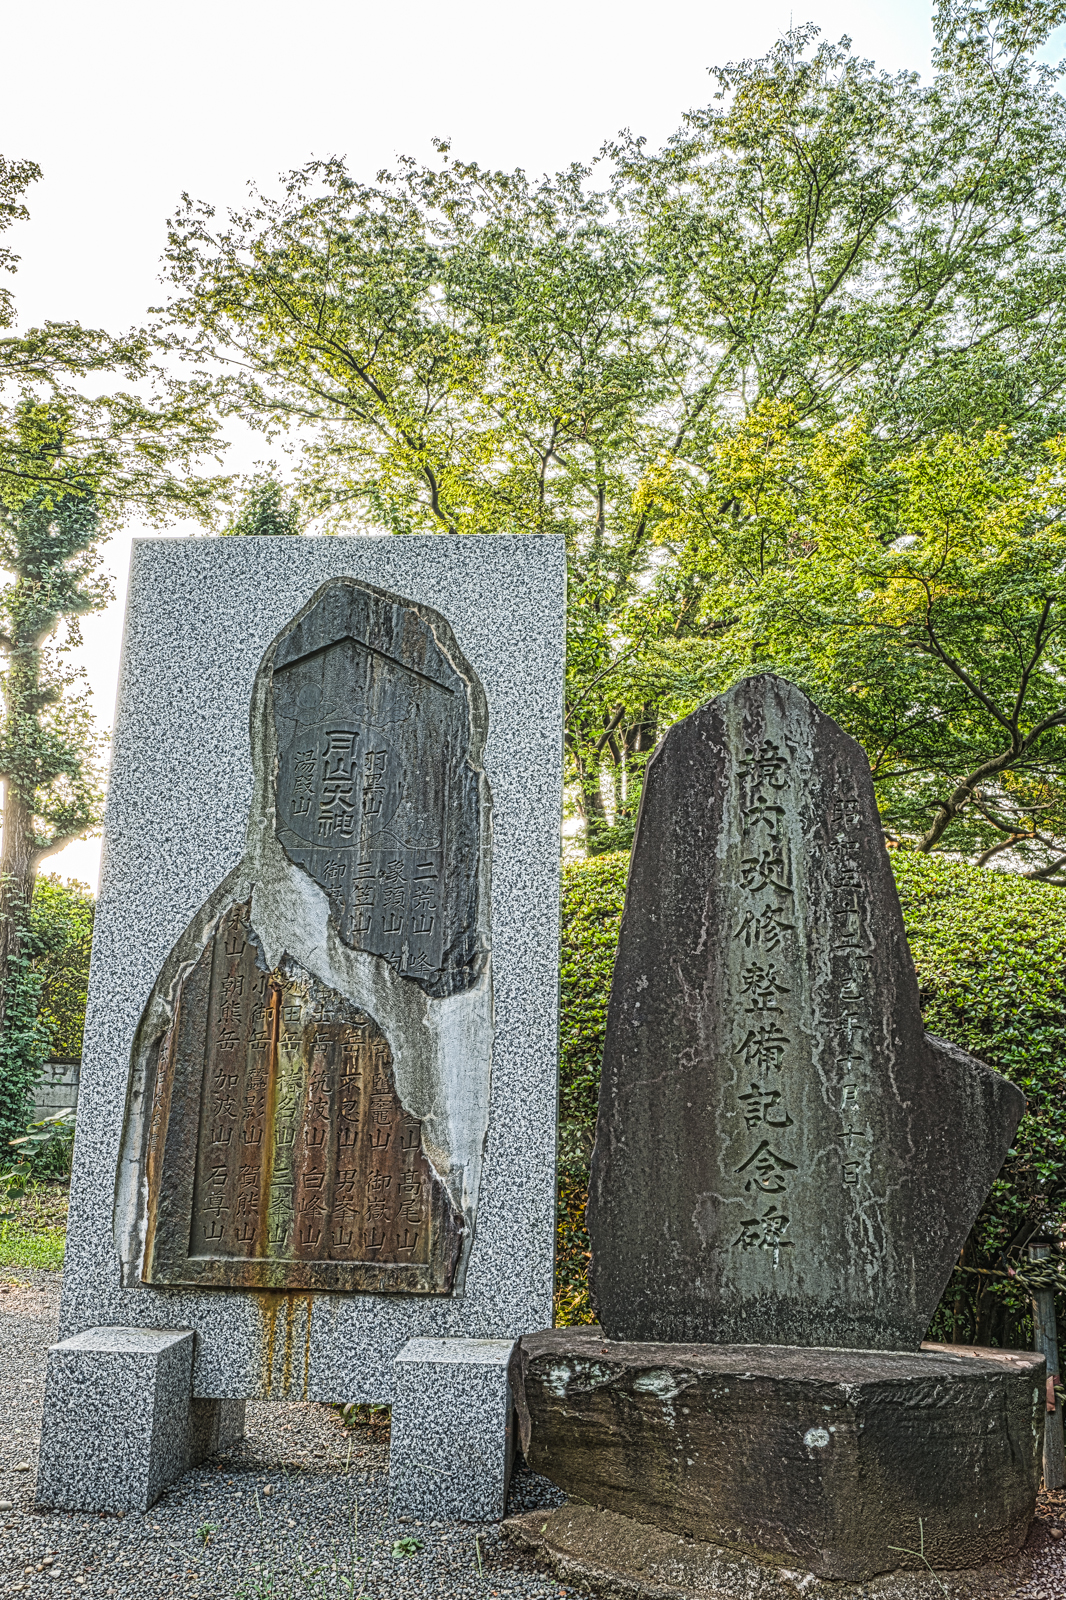 修整備記念碑と壊れた石碑の写真